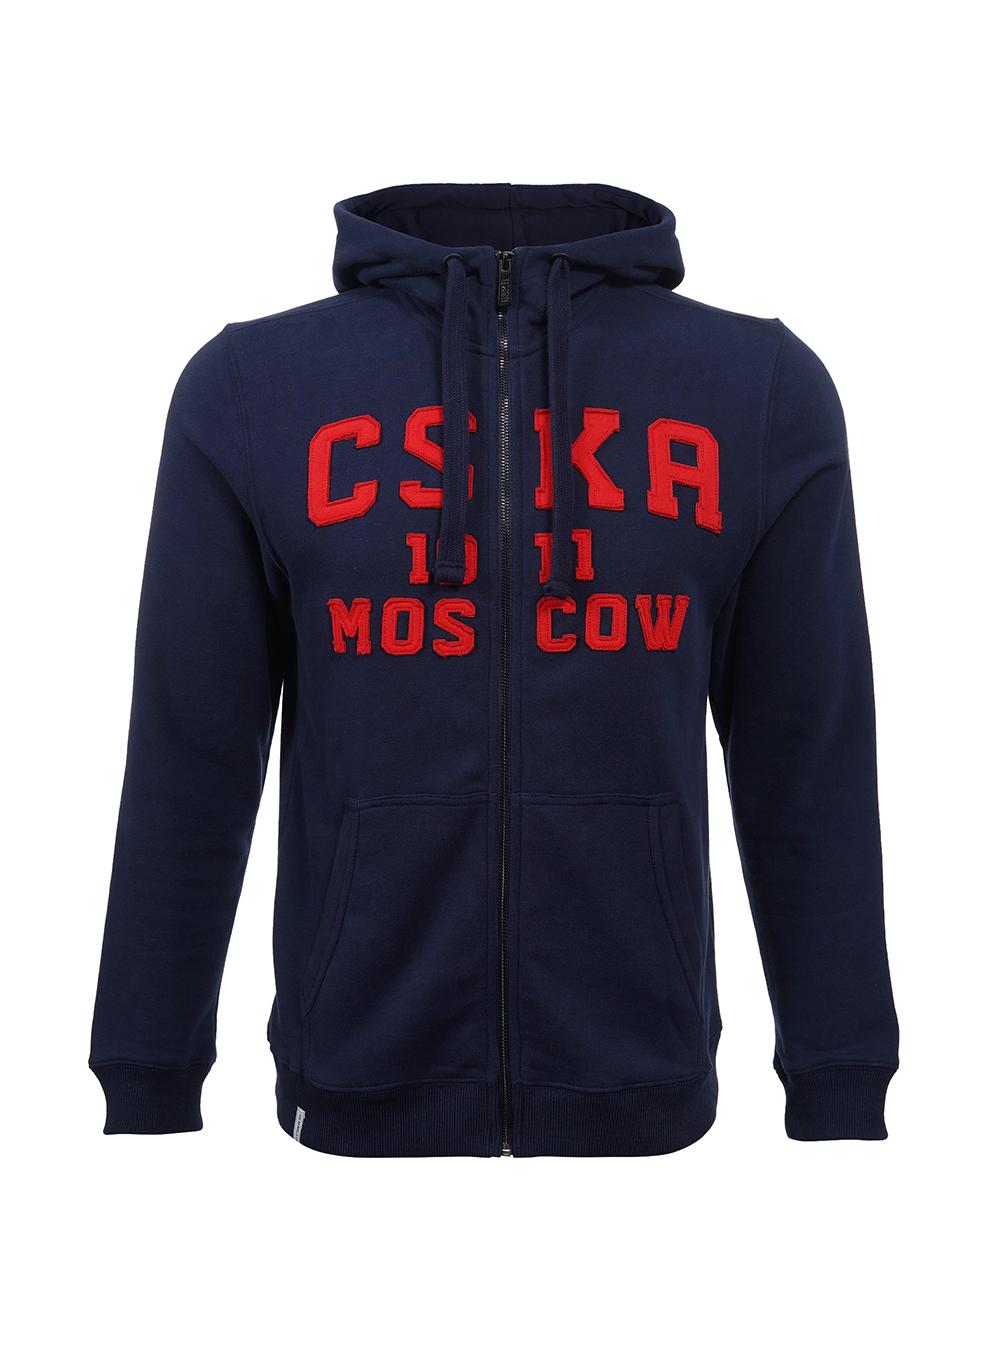 Купить Толстовка на молнии «CSKA MOSCOW est.1911» (XL) по Нижнему Новгороду